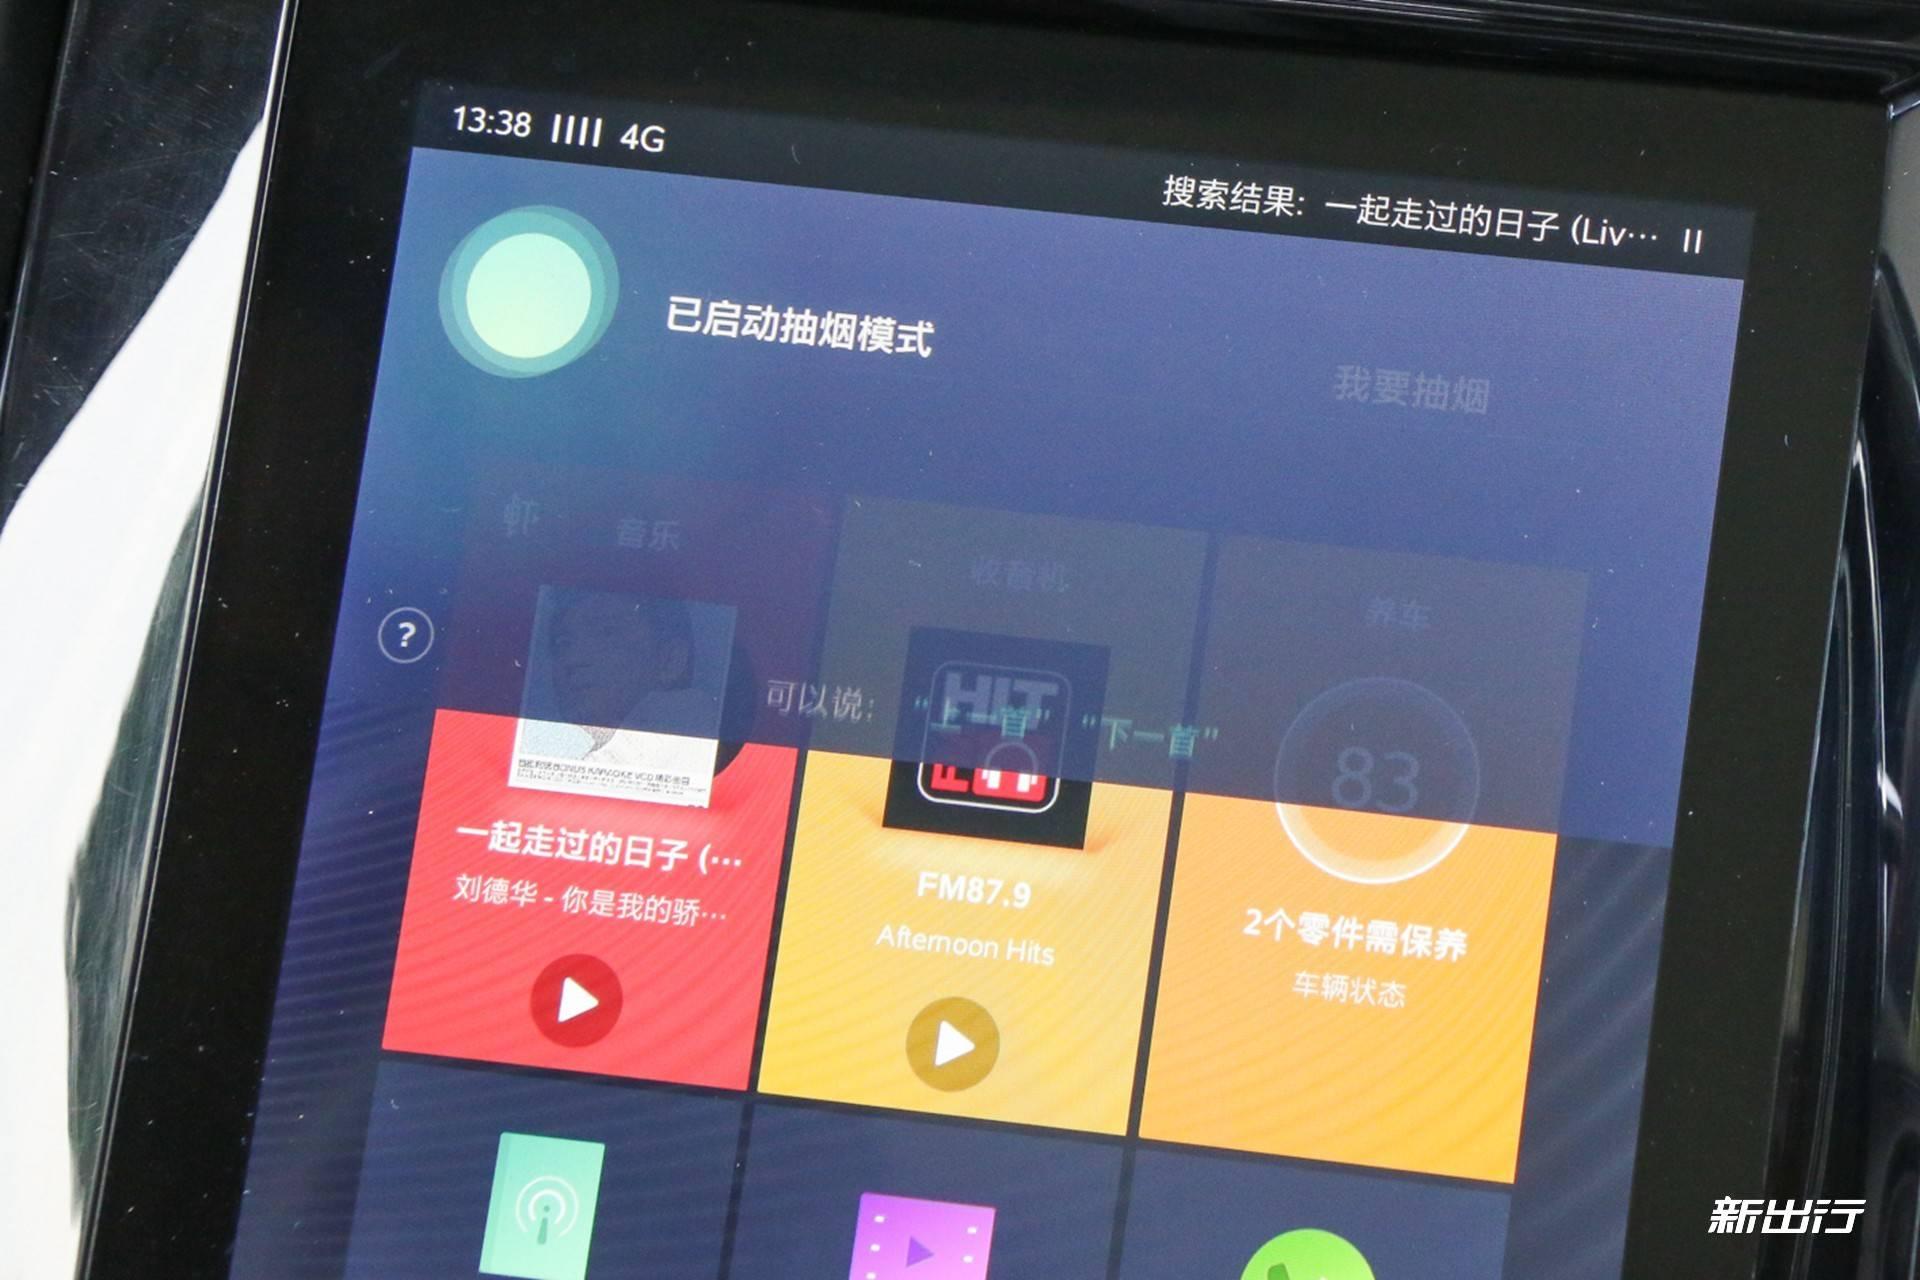 斑马 2.0 系统即将在本月 28 日升级 您准备好了吗?